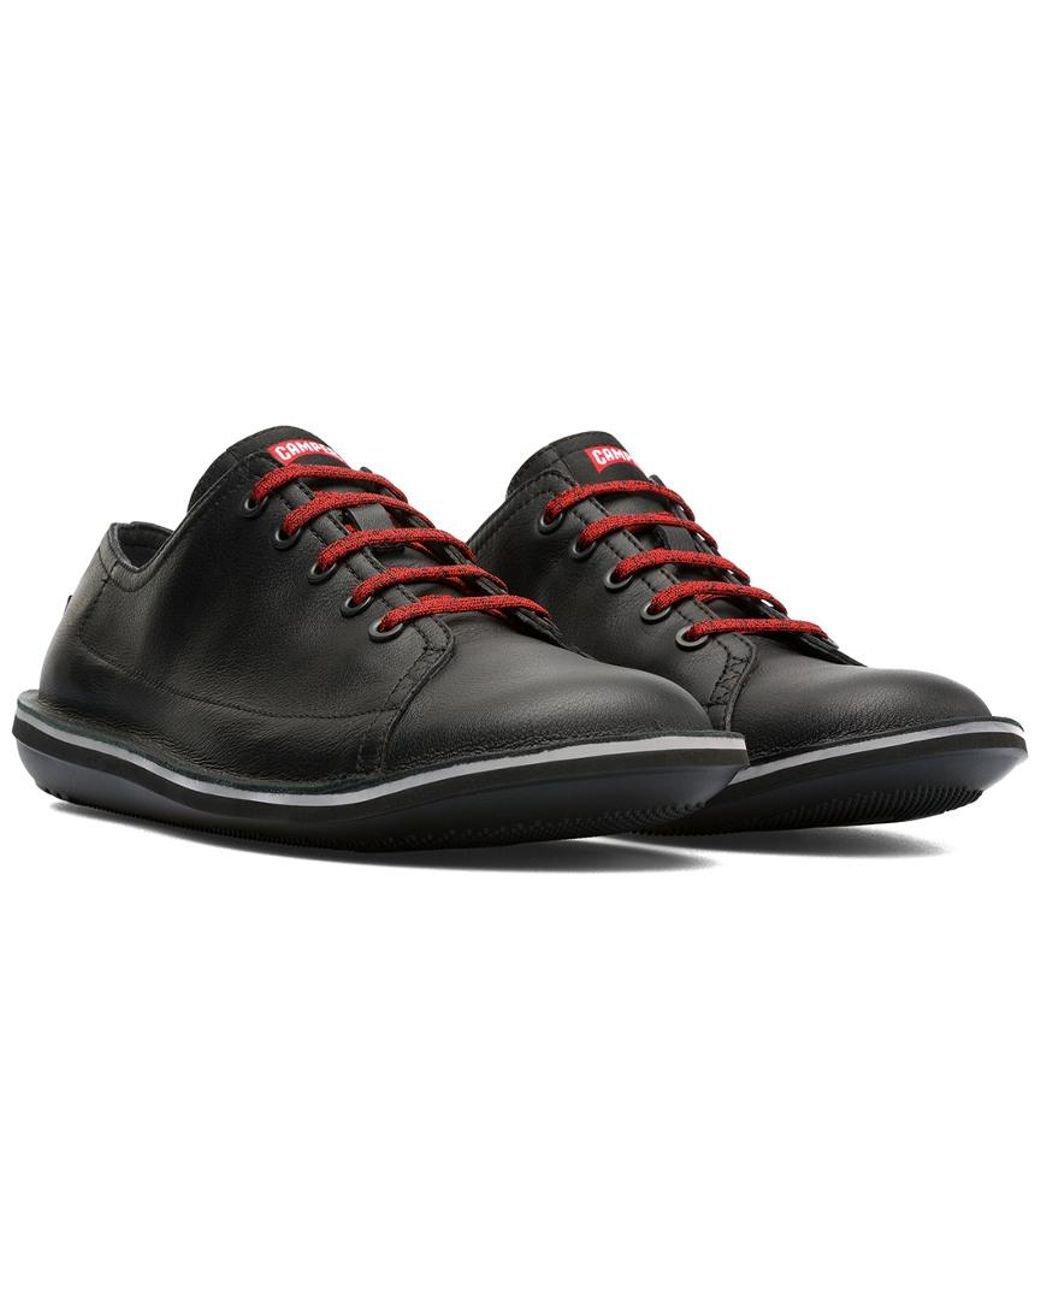 ccf2e49cd94 Lyst - Camper Beetle Basket Shoe in Black for Men